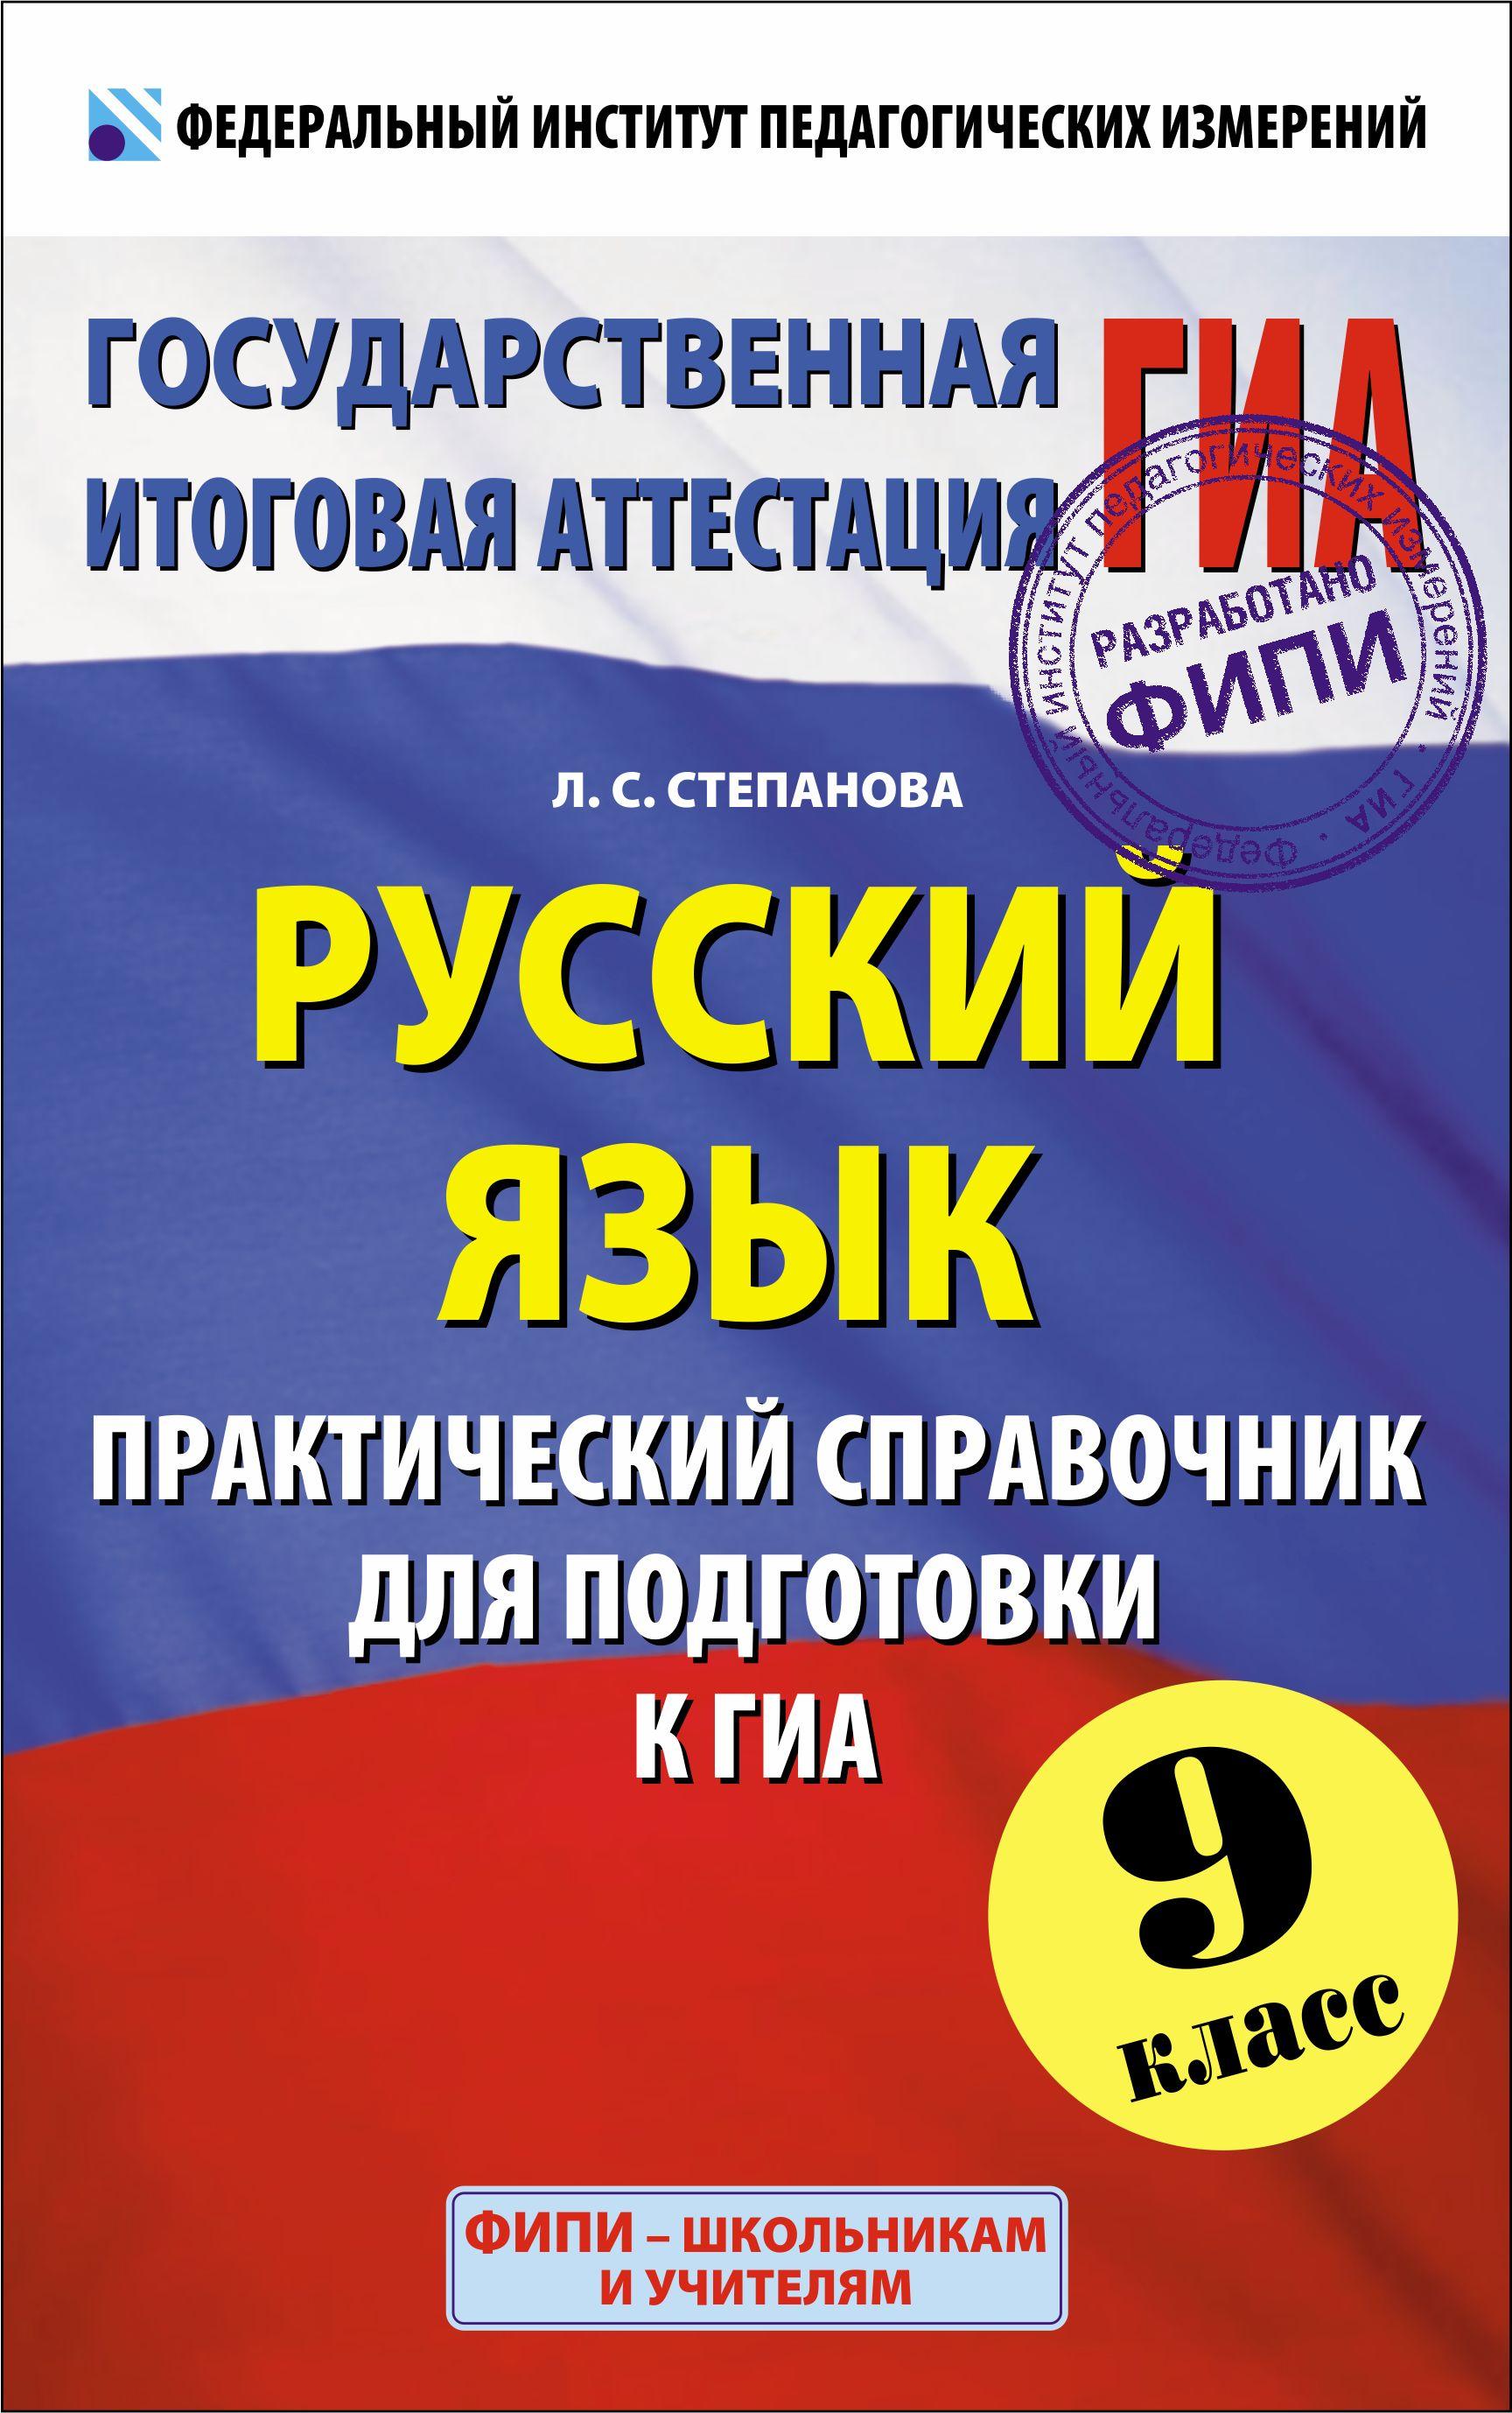 ГИА Русский язык. Практический справочник для подготовки к ГИА